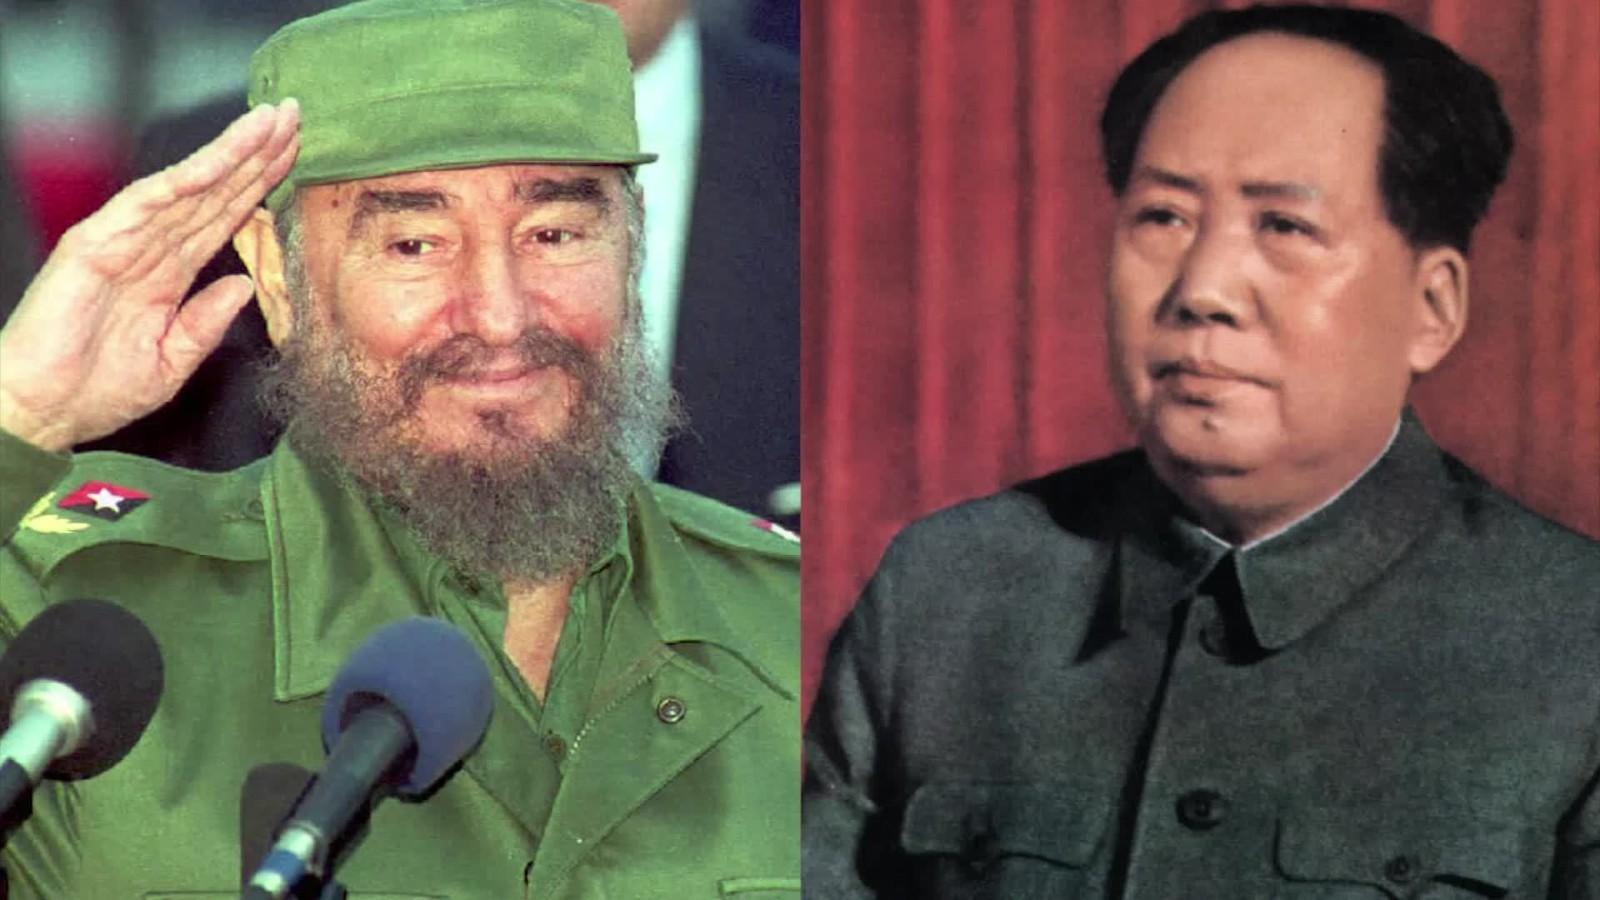 La Cuba de Castro y la China de Mao: dos regímenes comunistas que nunca se encontraron | CNN